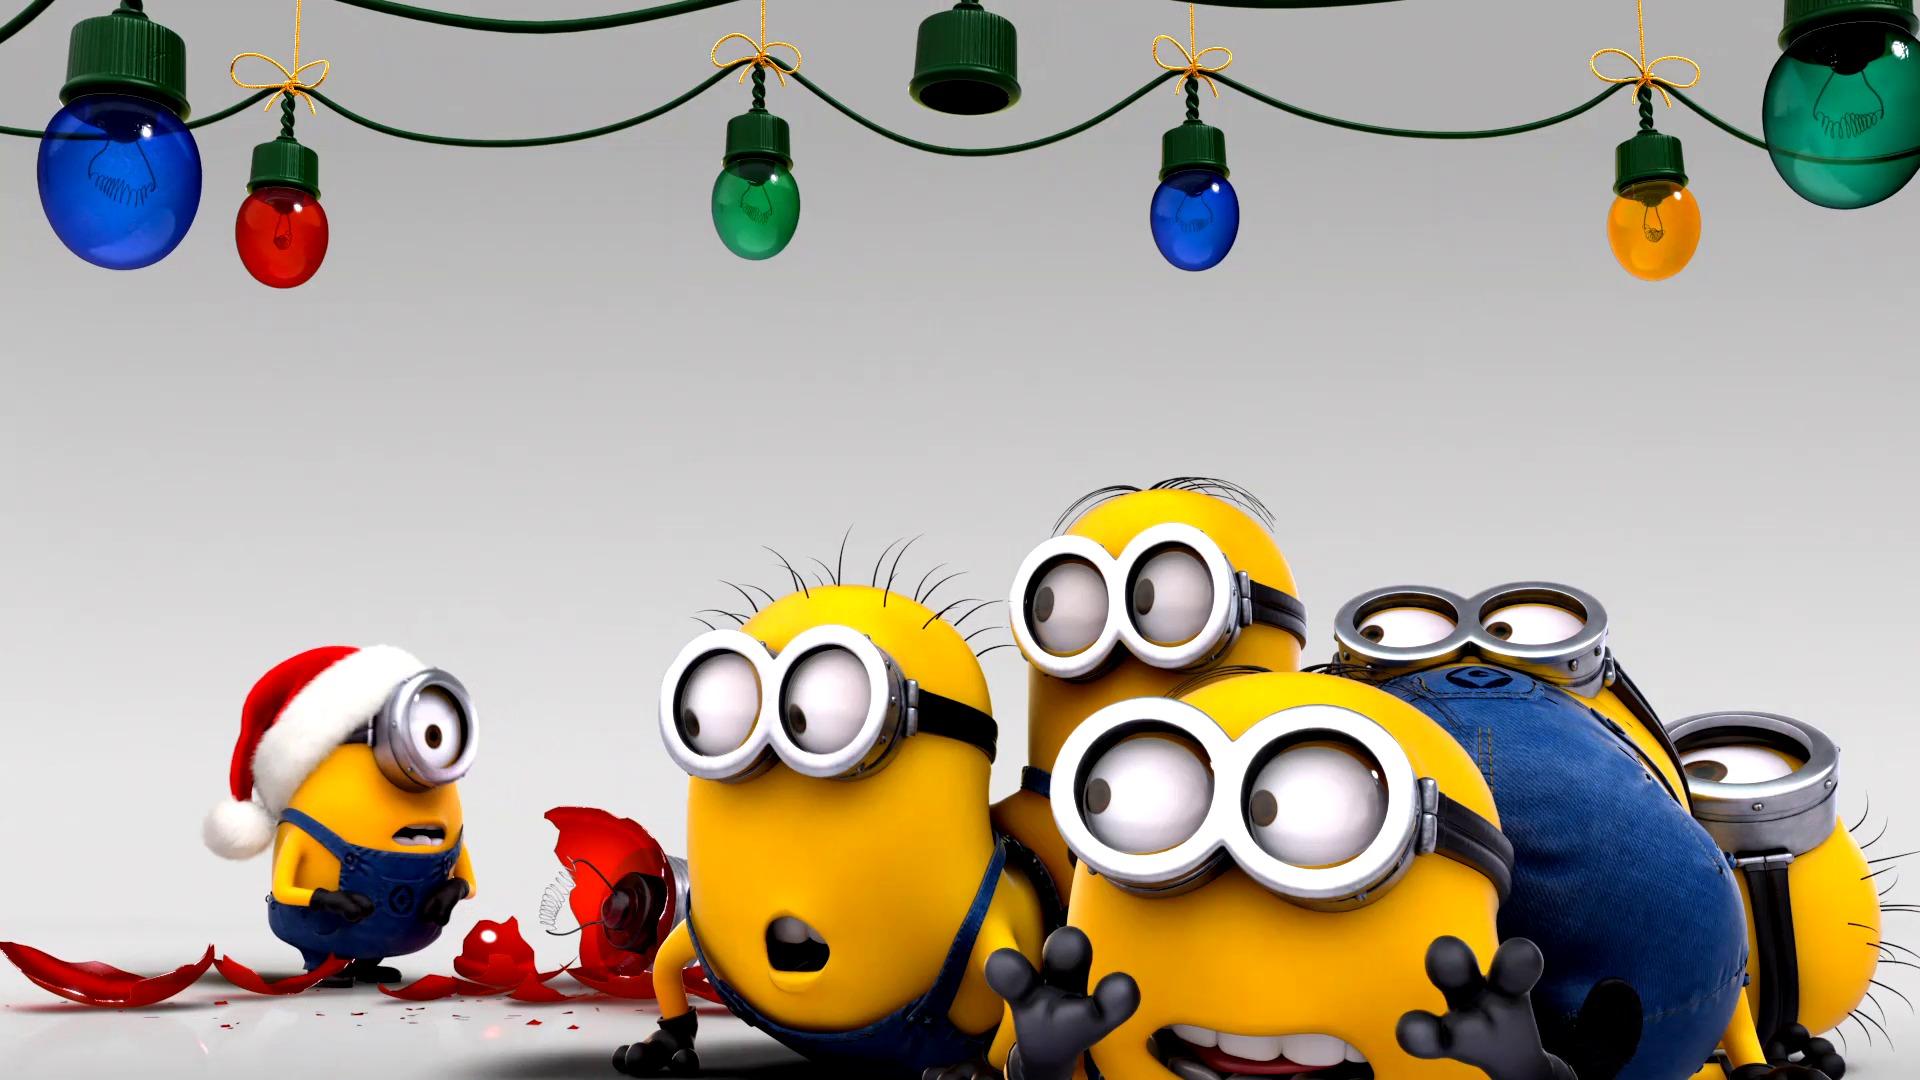 решение картинки новый год с миньонами лучшем фоне